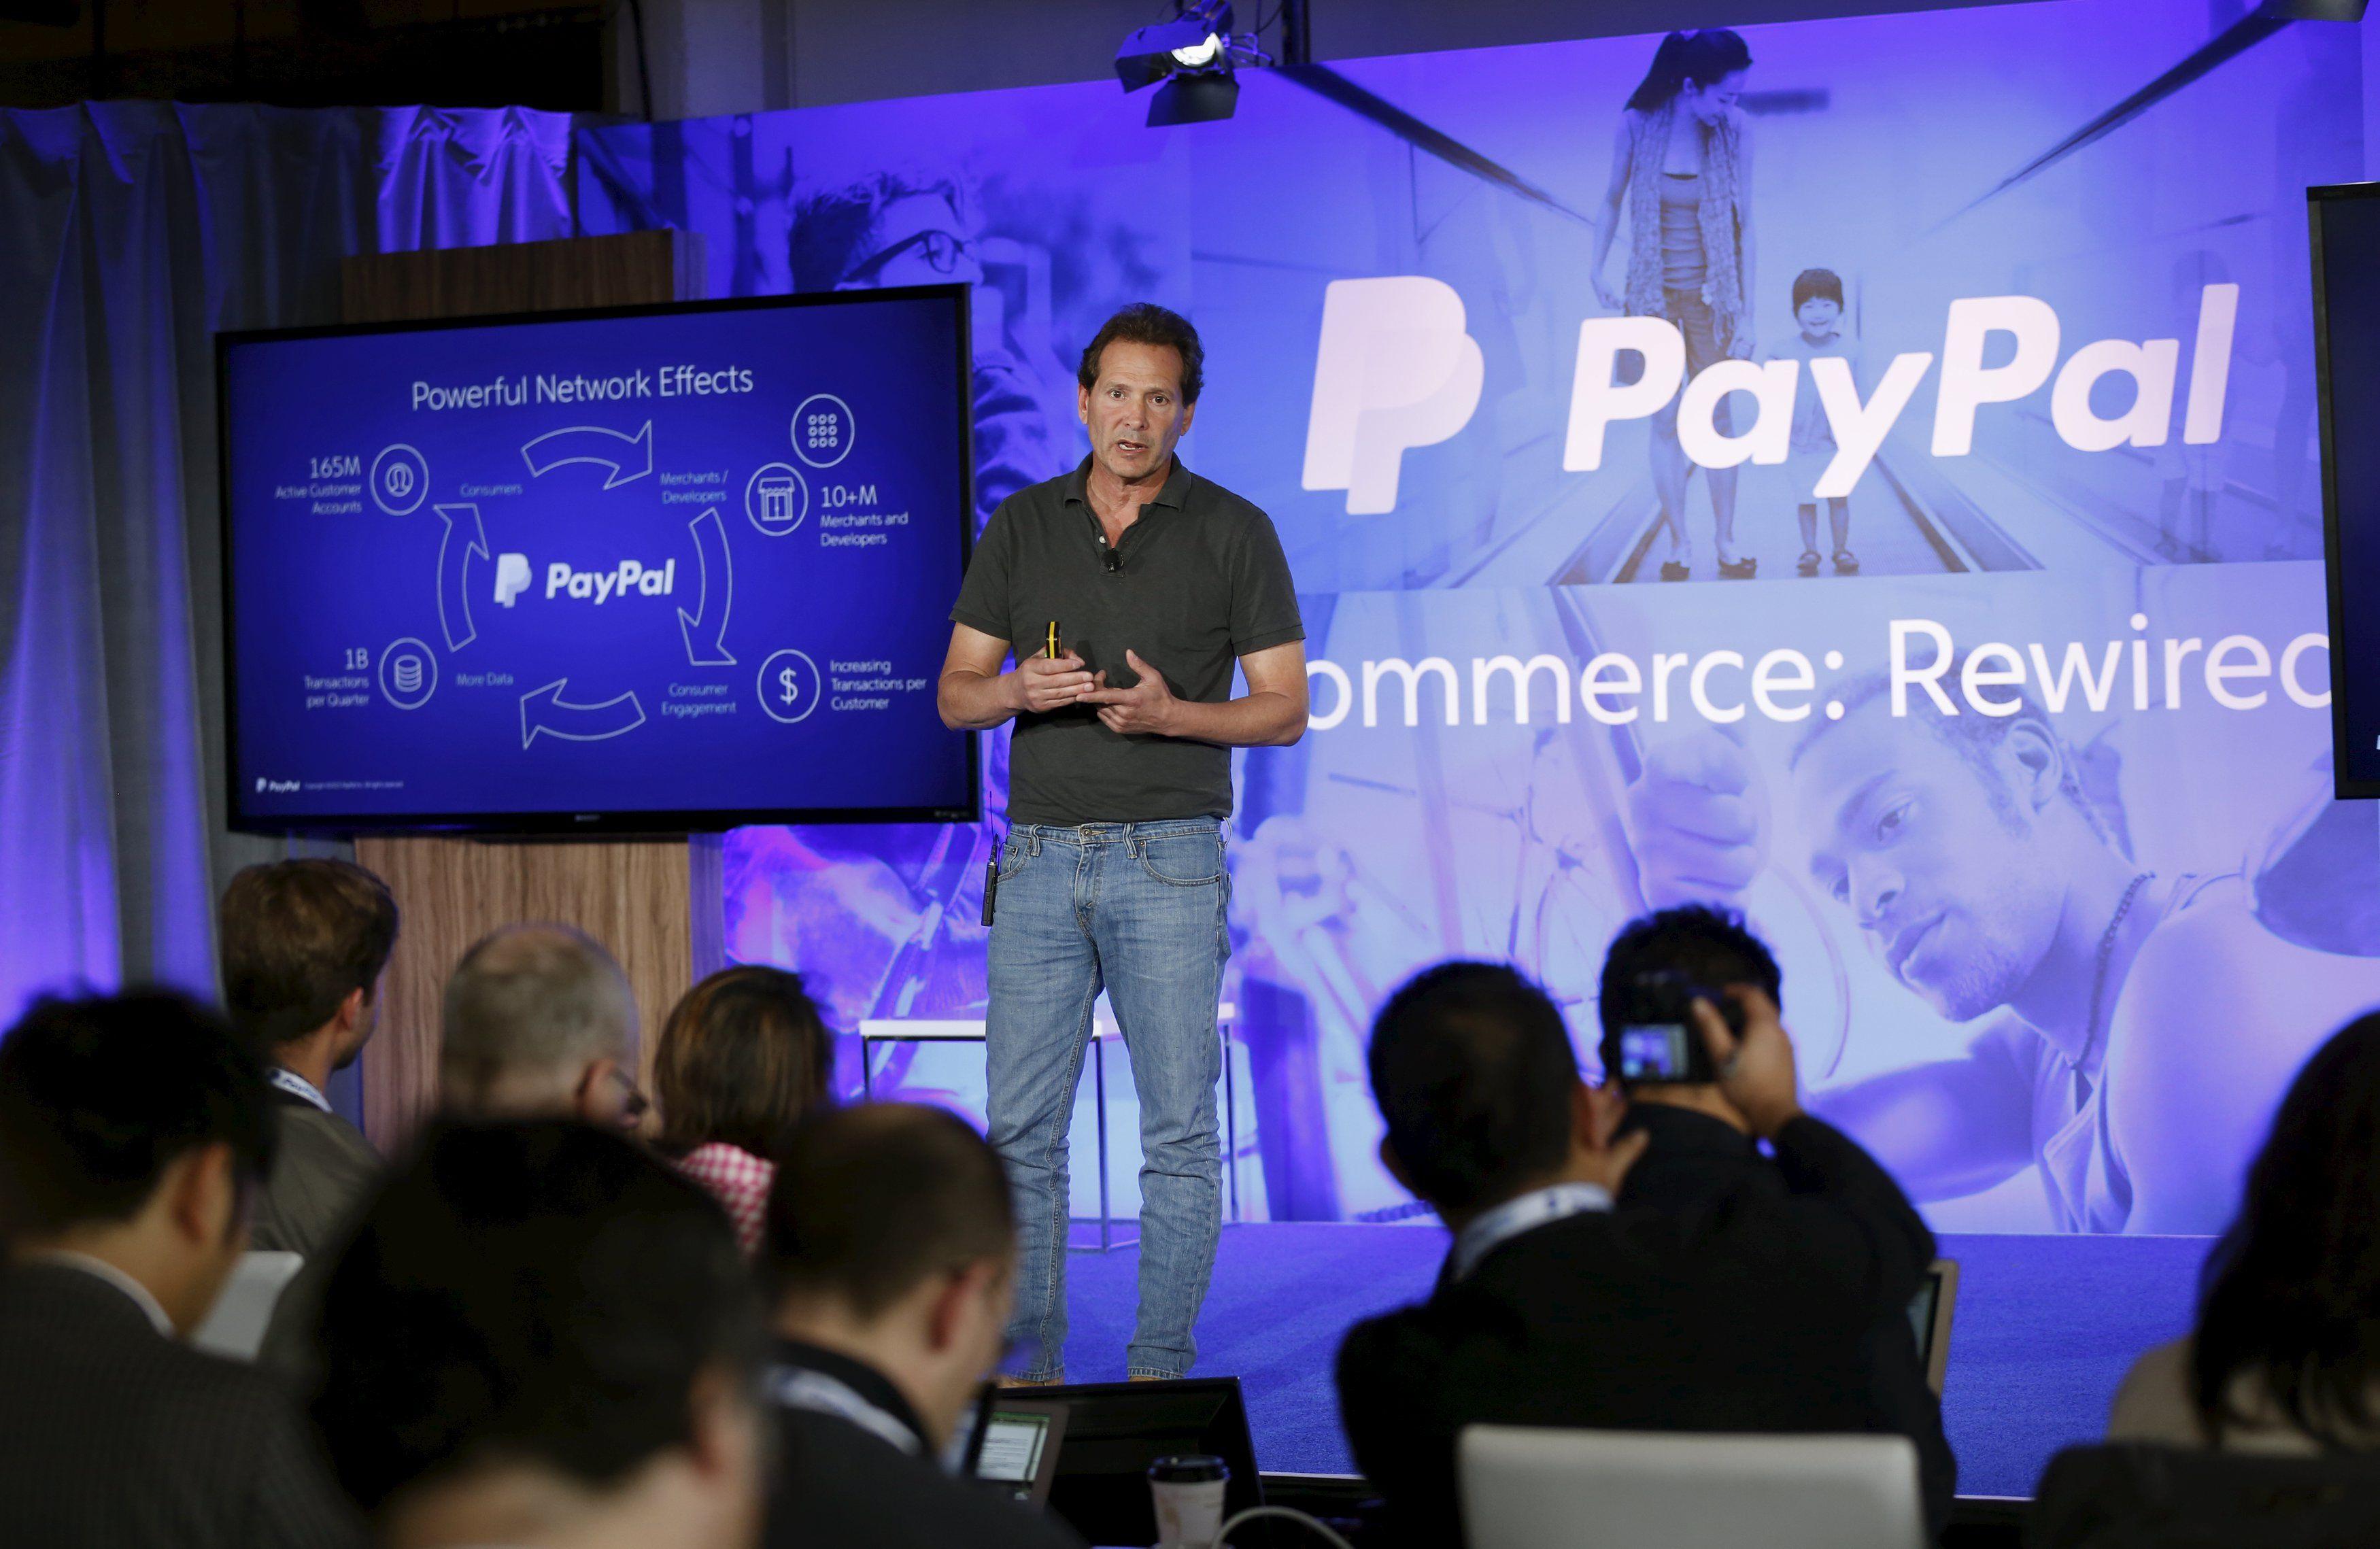 Bitcoin supera Paypal em volume transacional